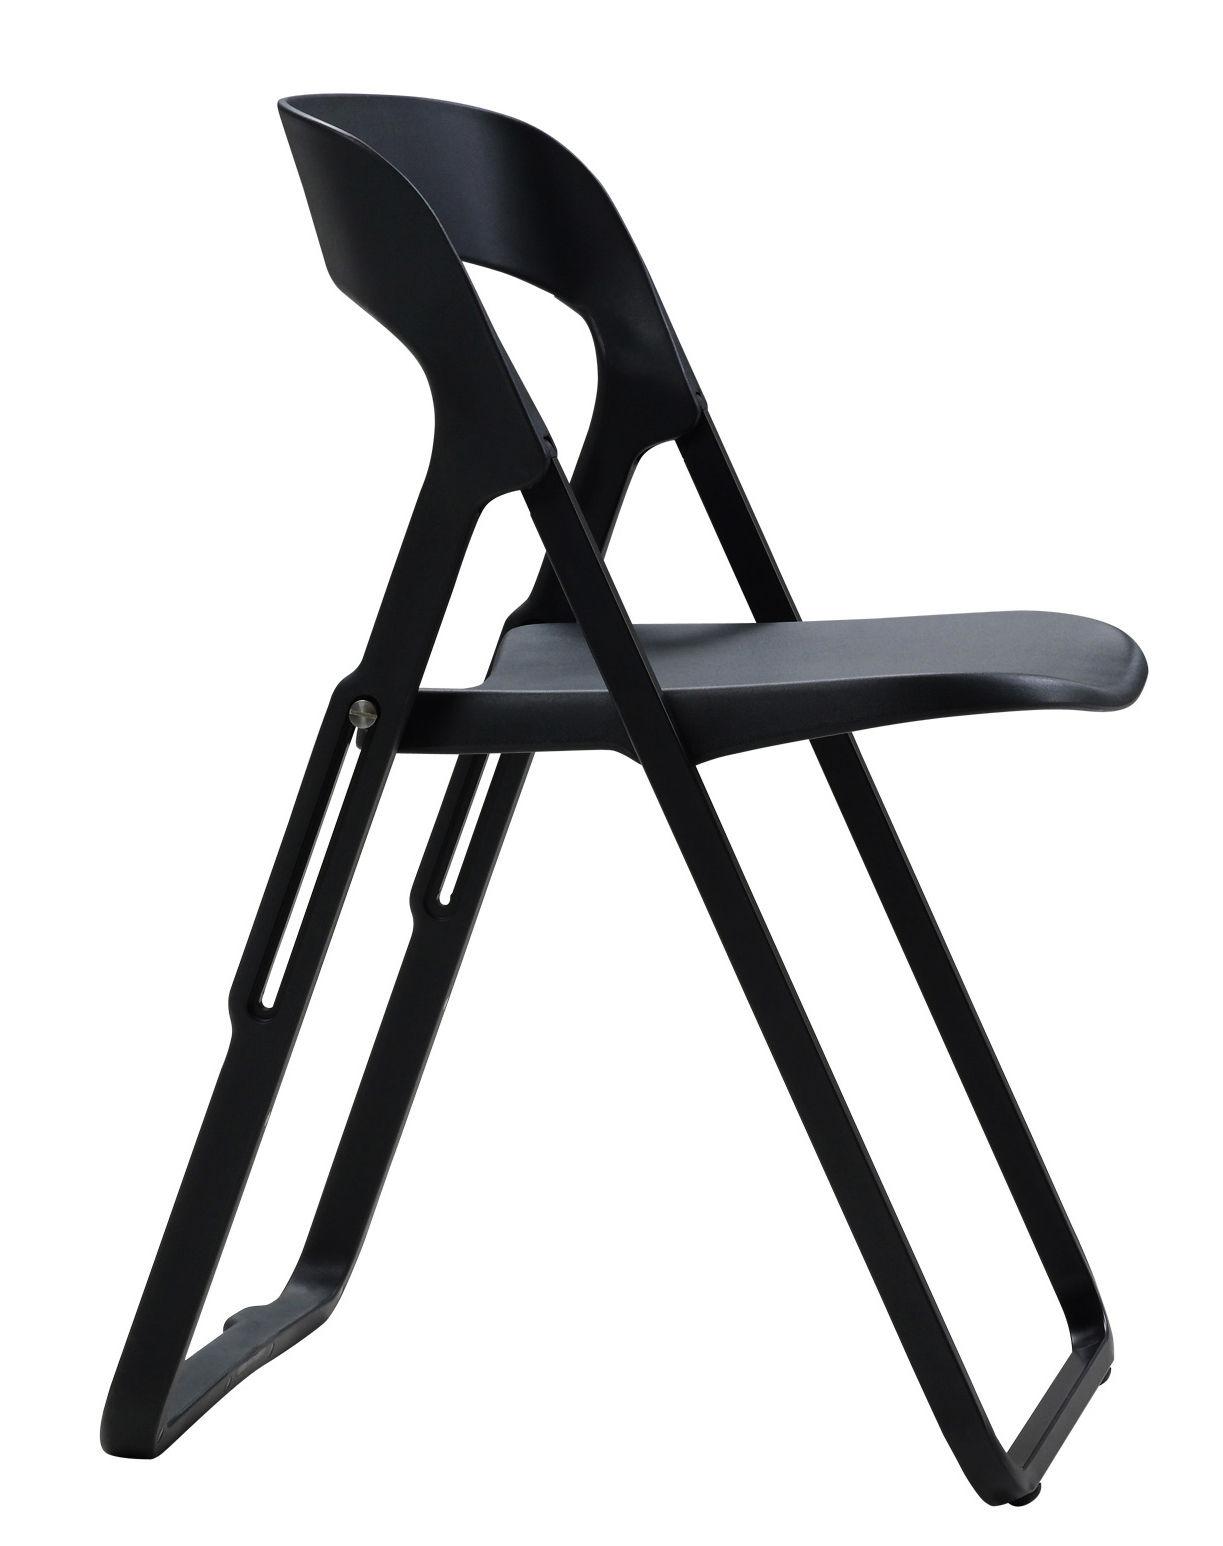 chaise pliante bek polypropyl ne et structure m tal noir casamania. Black Bedroom Furniture Sets. Home Design Ideas